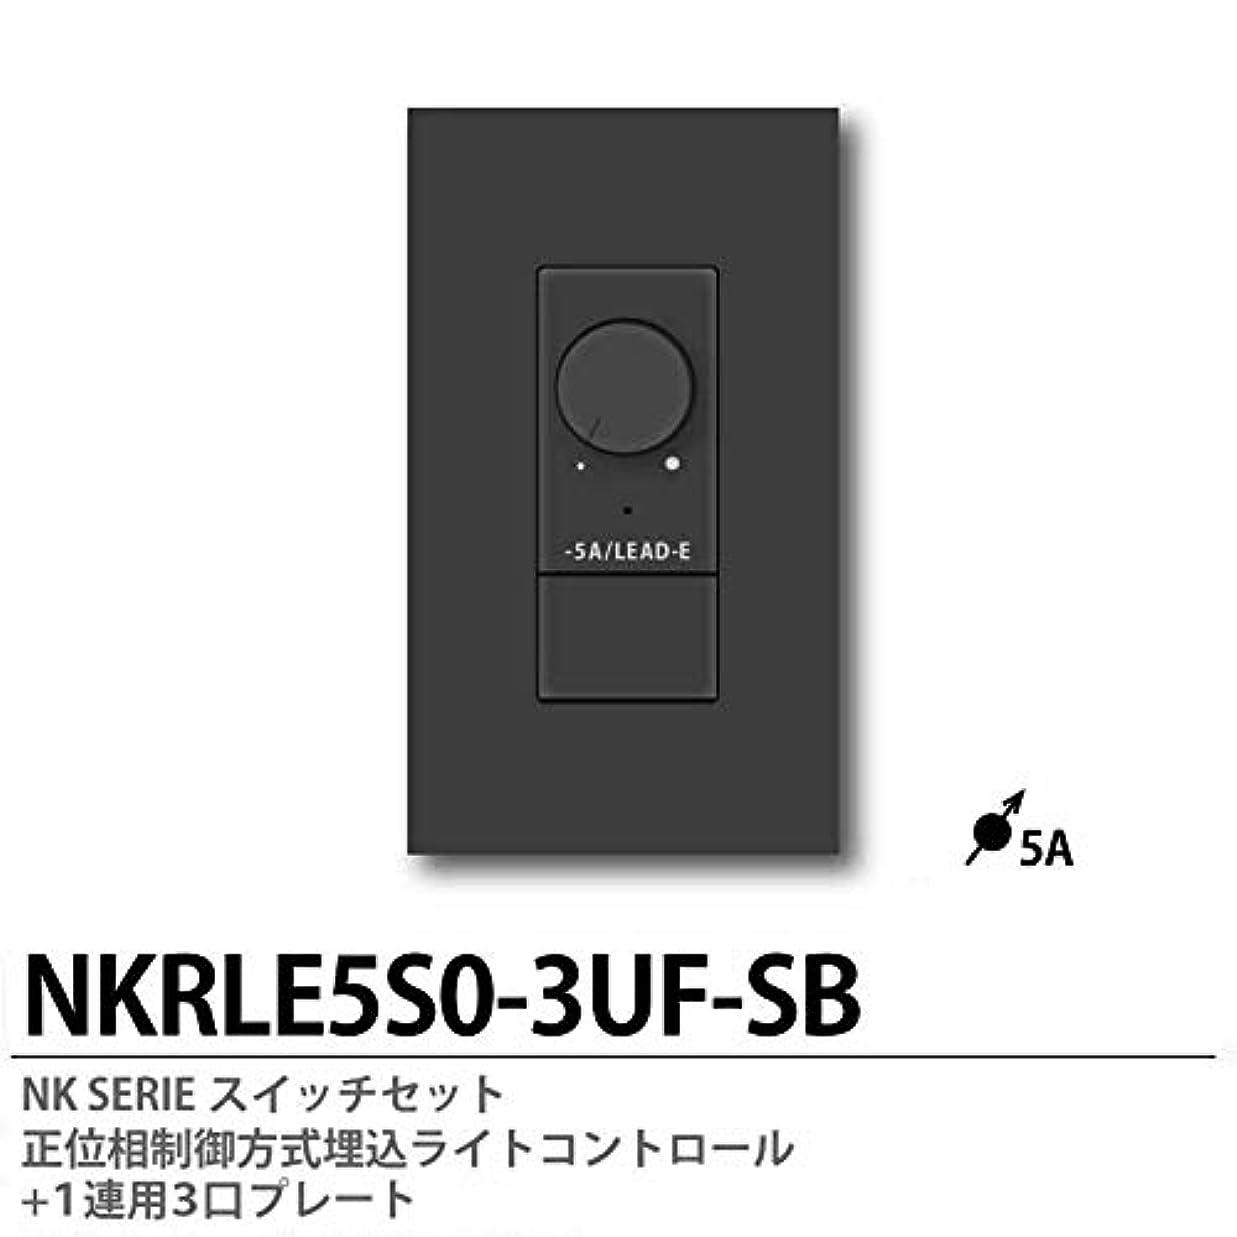 エミュレートするブレーク人差し指【JIMBO】NKシリーズ スイッチ?プレート組合わせセット 正位相制御方式埋込ライトコントロール+1連用3口プレート 色:ソフトブラック NKRLE5S0-3UF-SB